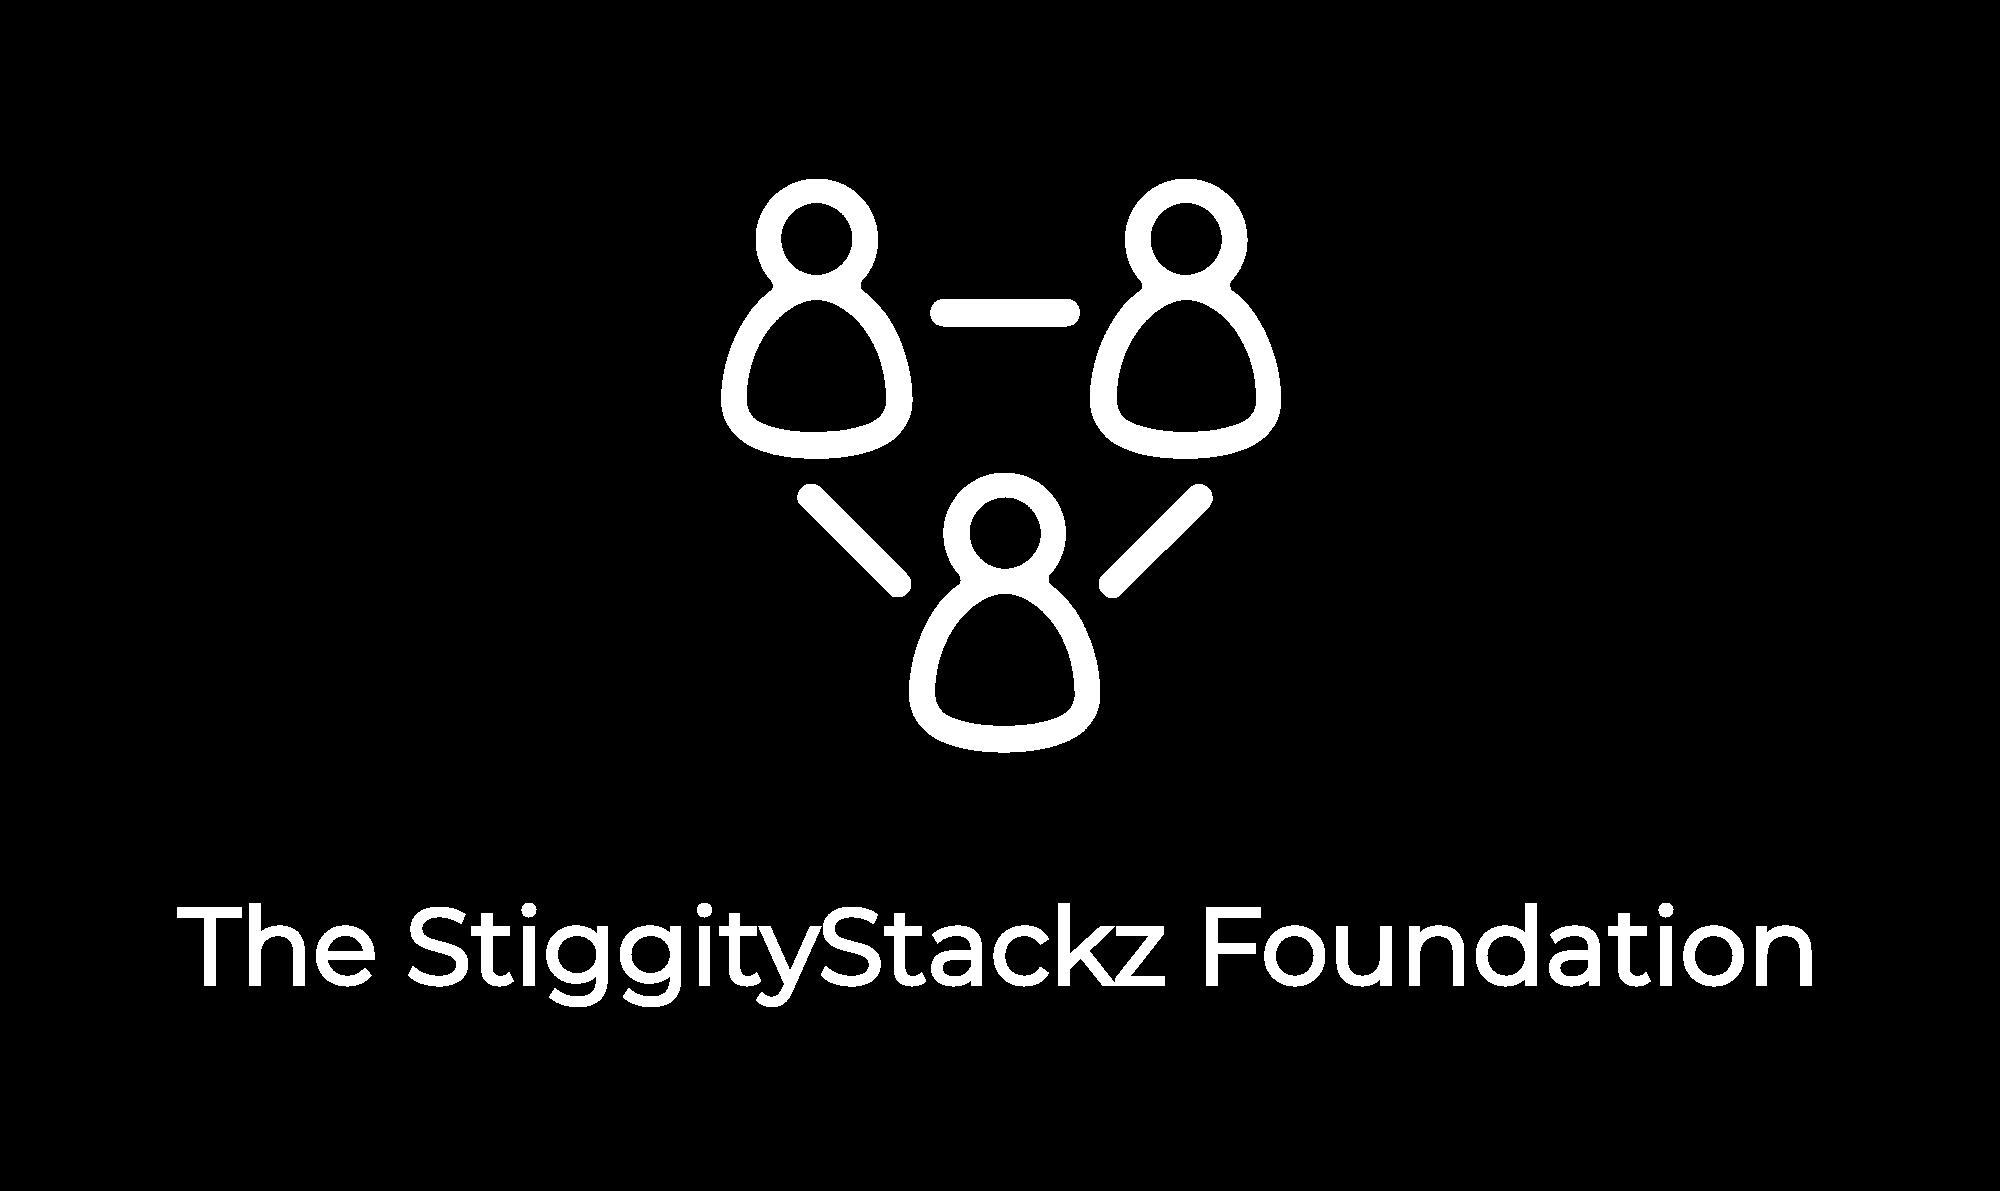 The StiggityStackz Foundation -logo-white.png